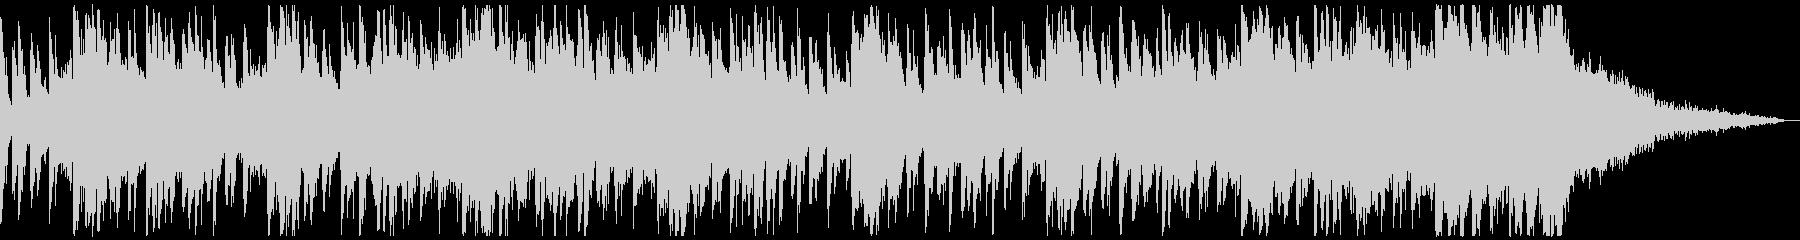 オシャ4つ打ち、スタイリッシュ雰囲気系5の未再生の波形